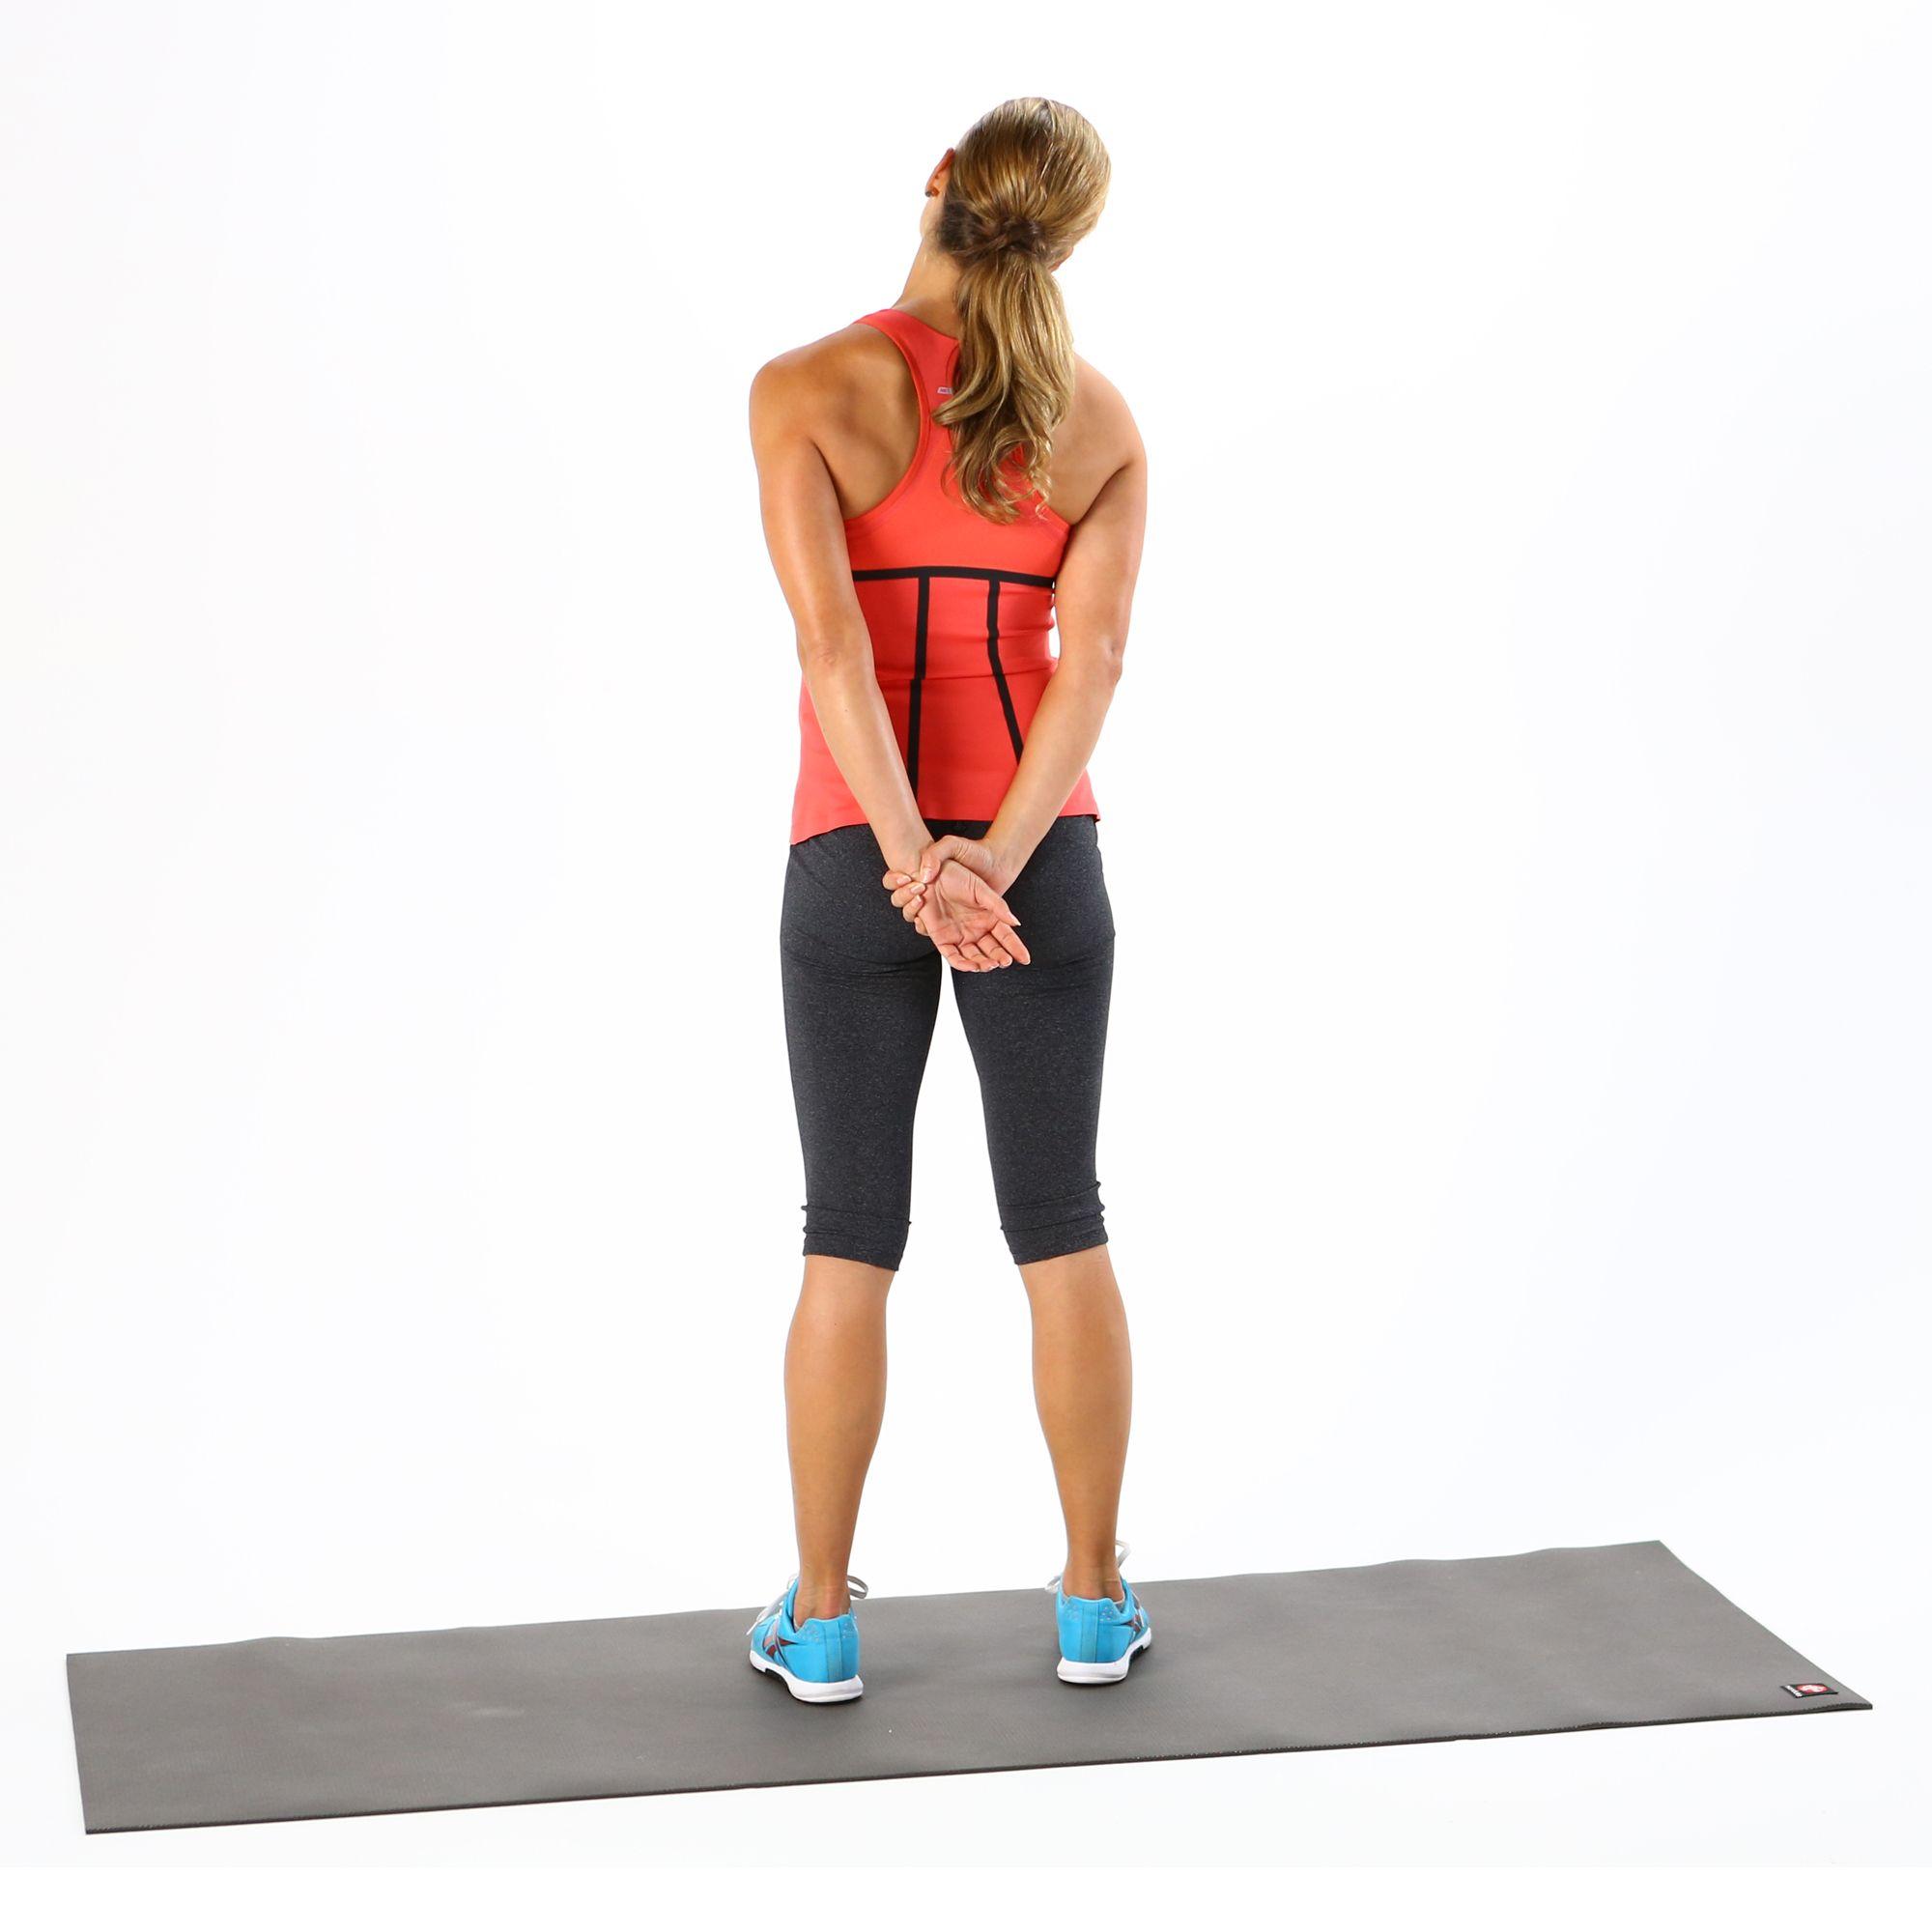 d2e140ee18231e2fec543aba7a534c39 - How To Get A Crick Out Of Your Shoulder